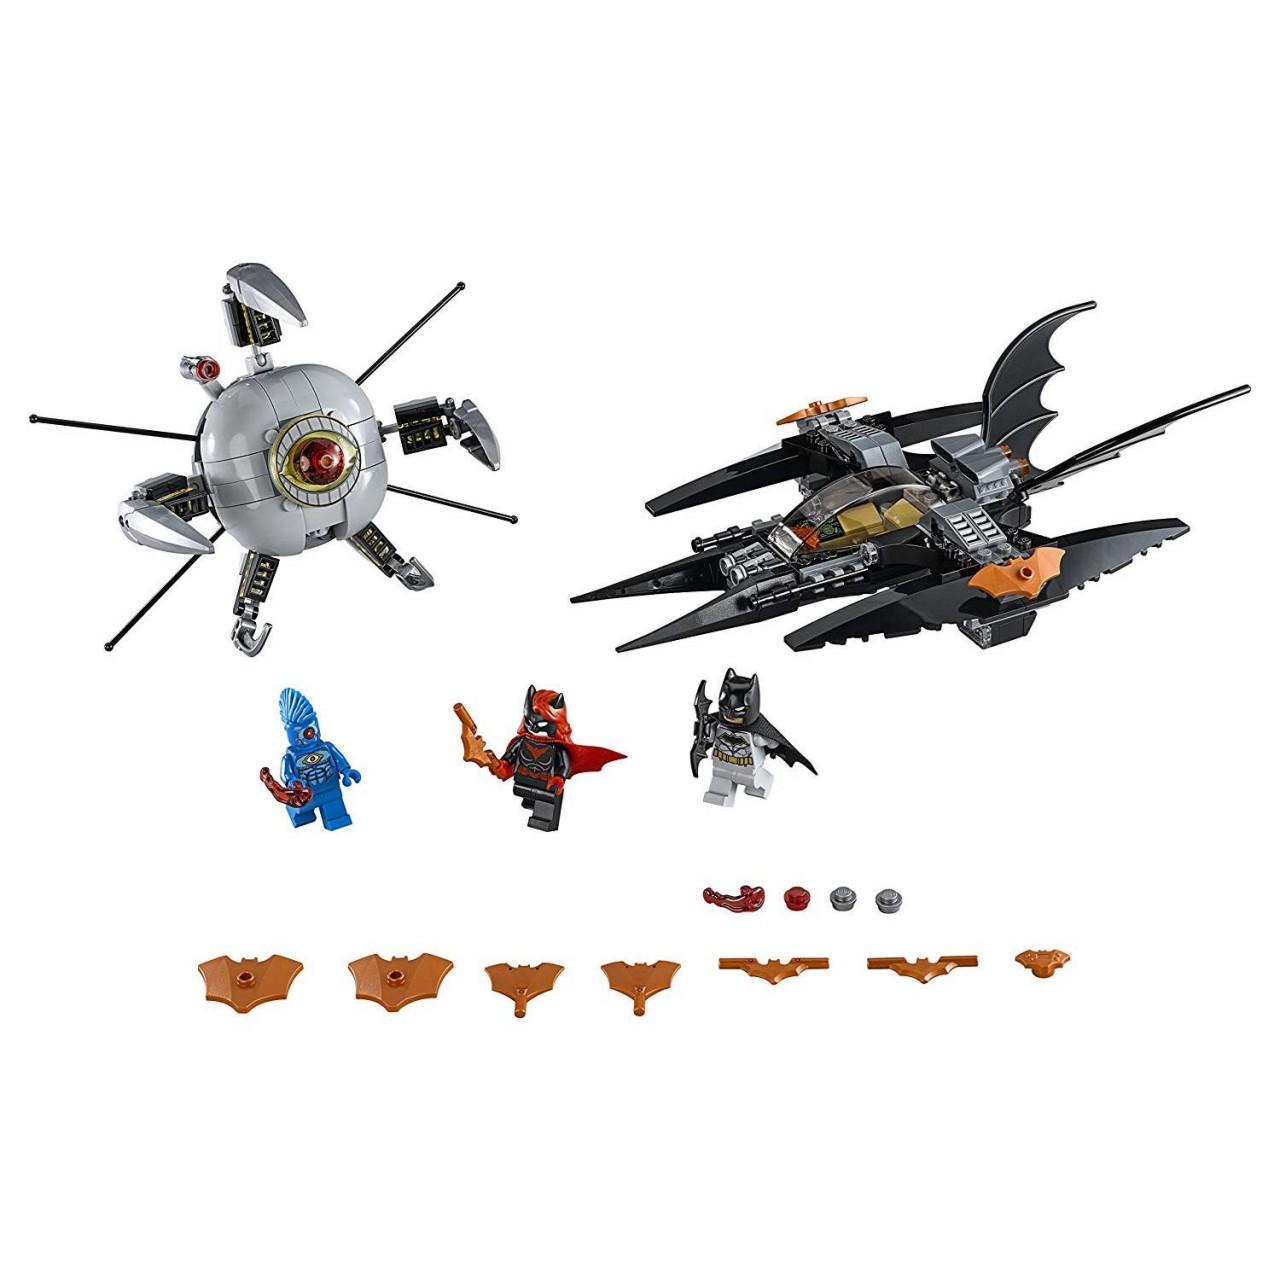 LEGO DC SUPER HEROES 76111 Batman: Brother Eye Gefangennahme